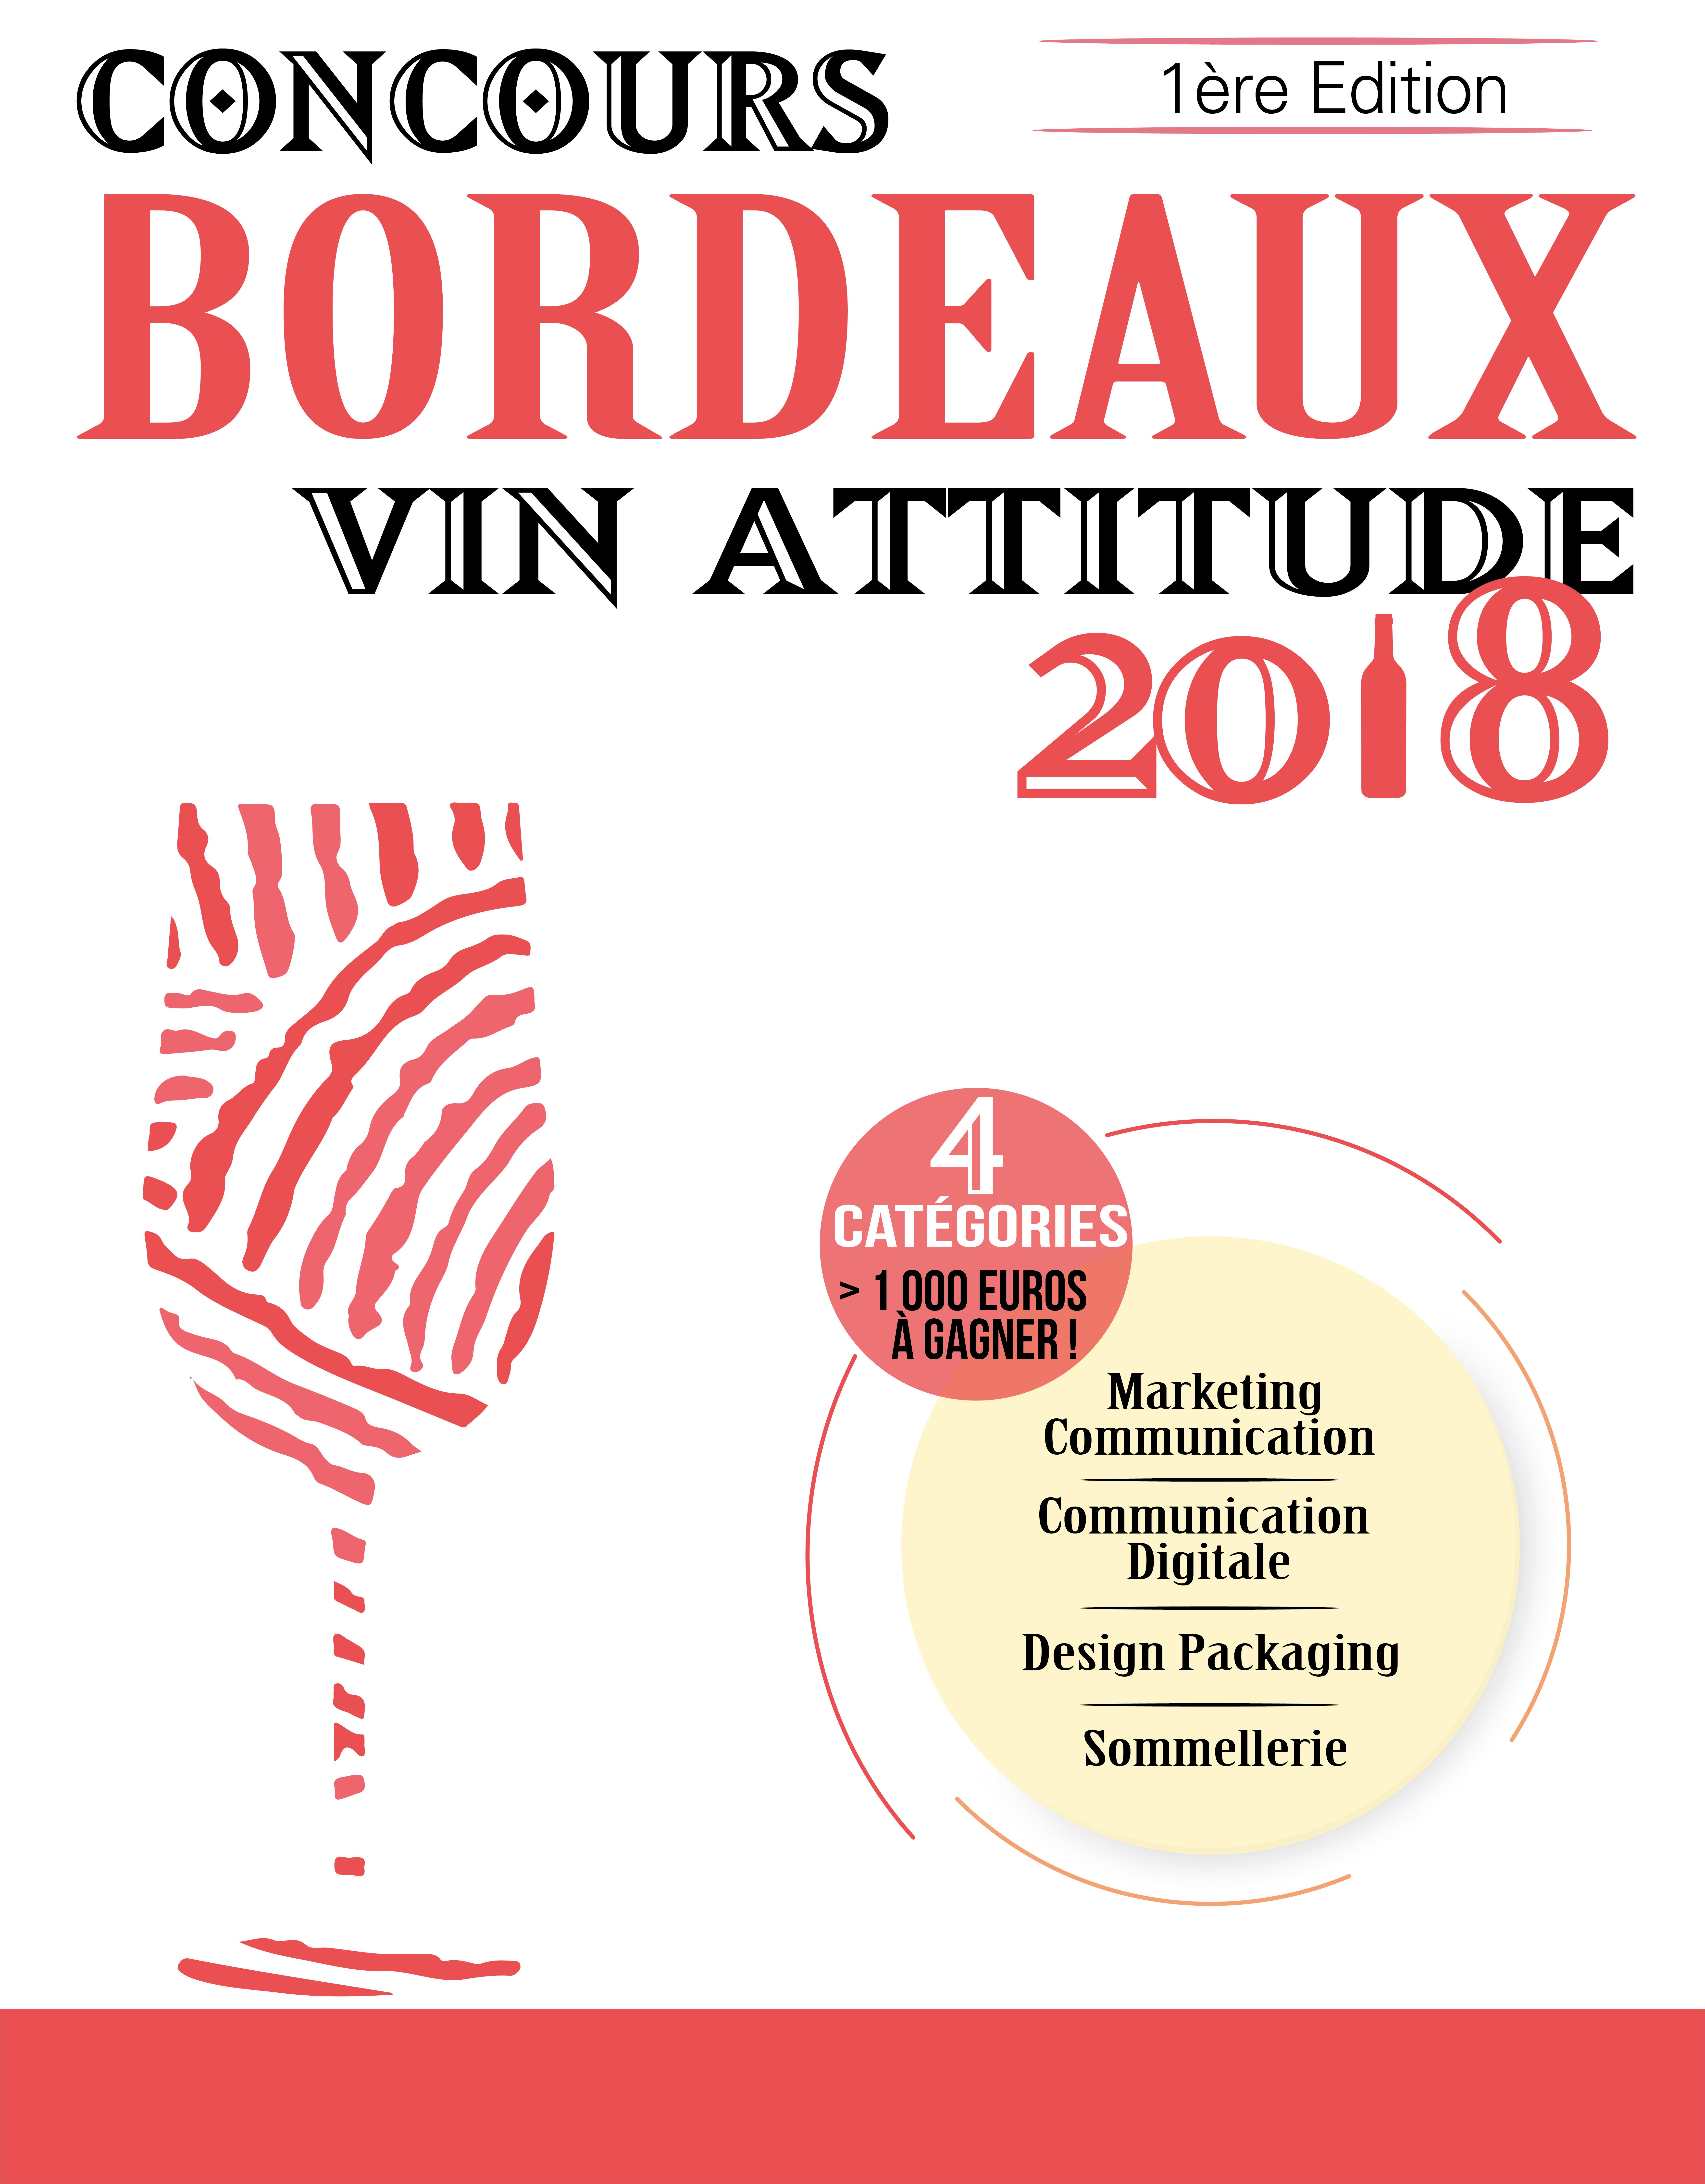 Concours Bordeaux Vin Attitude